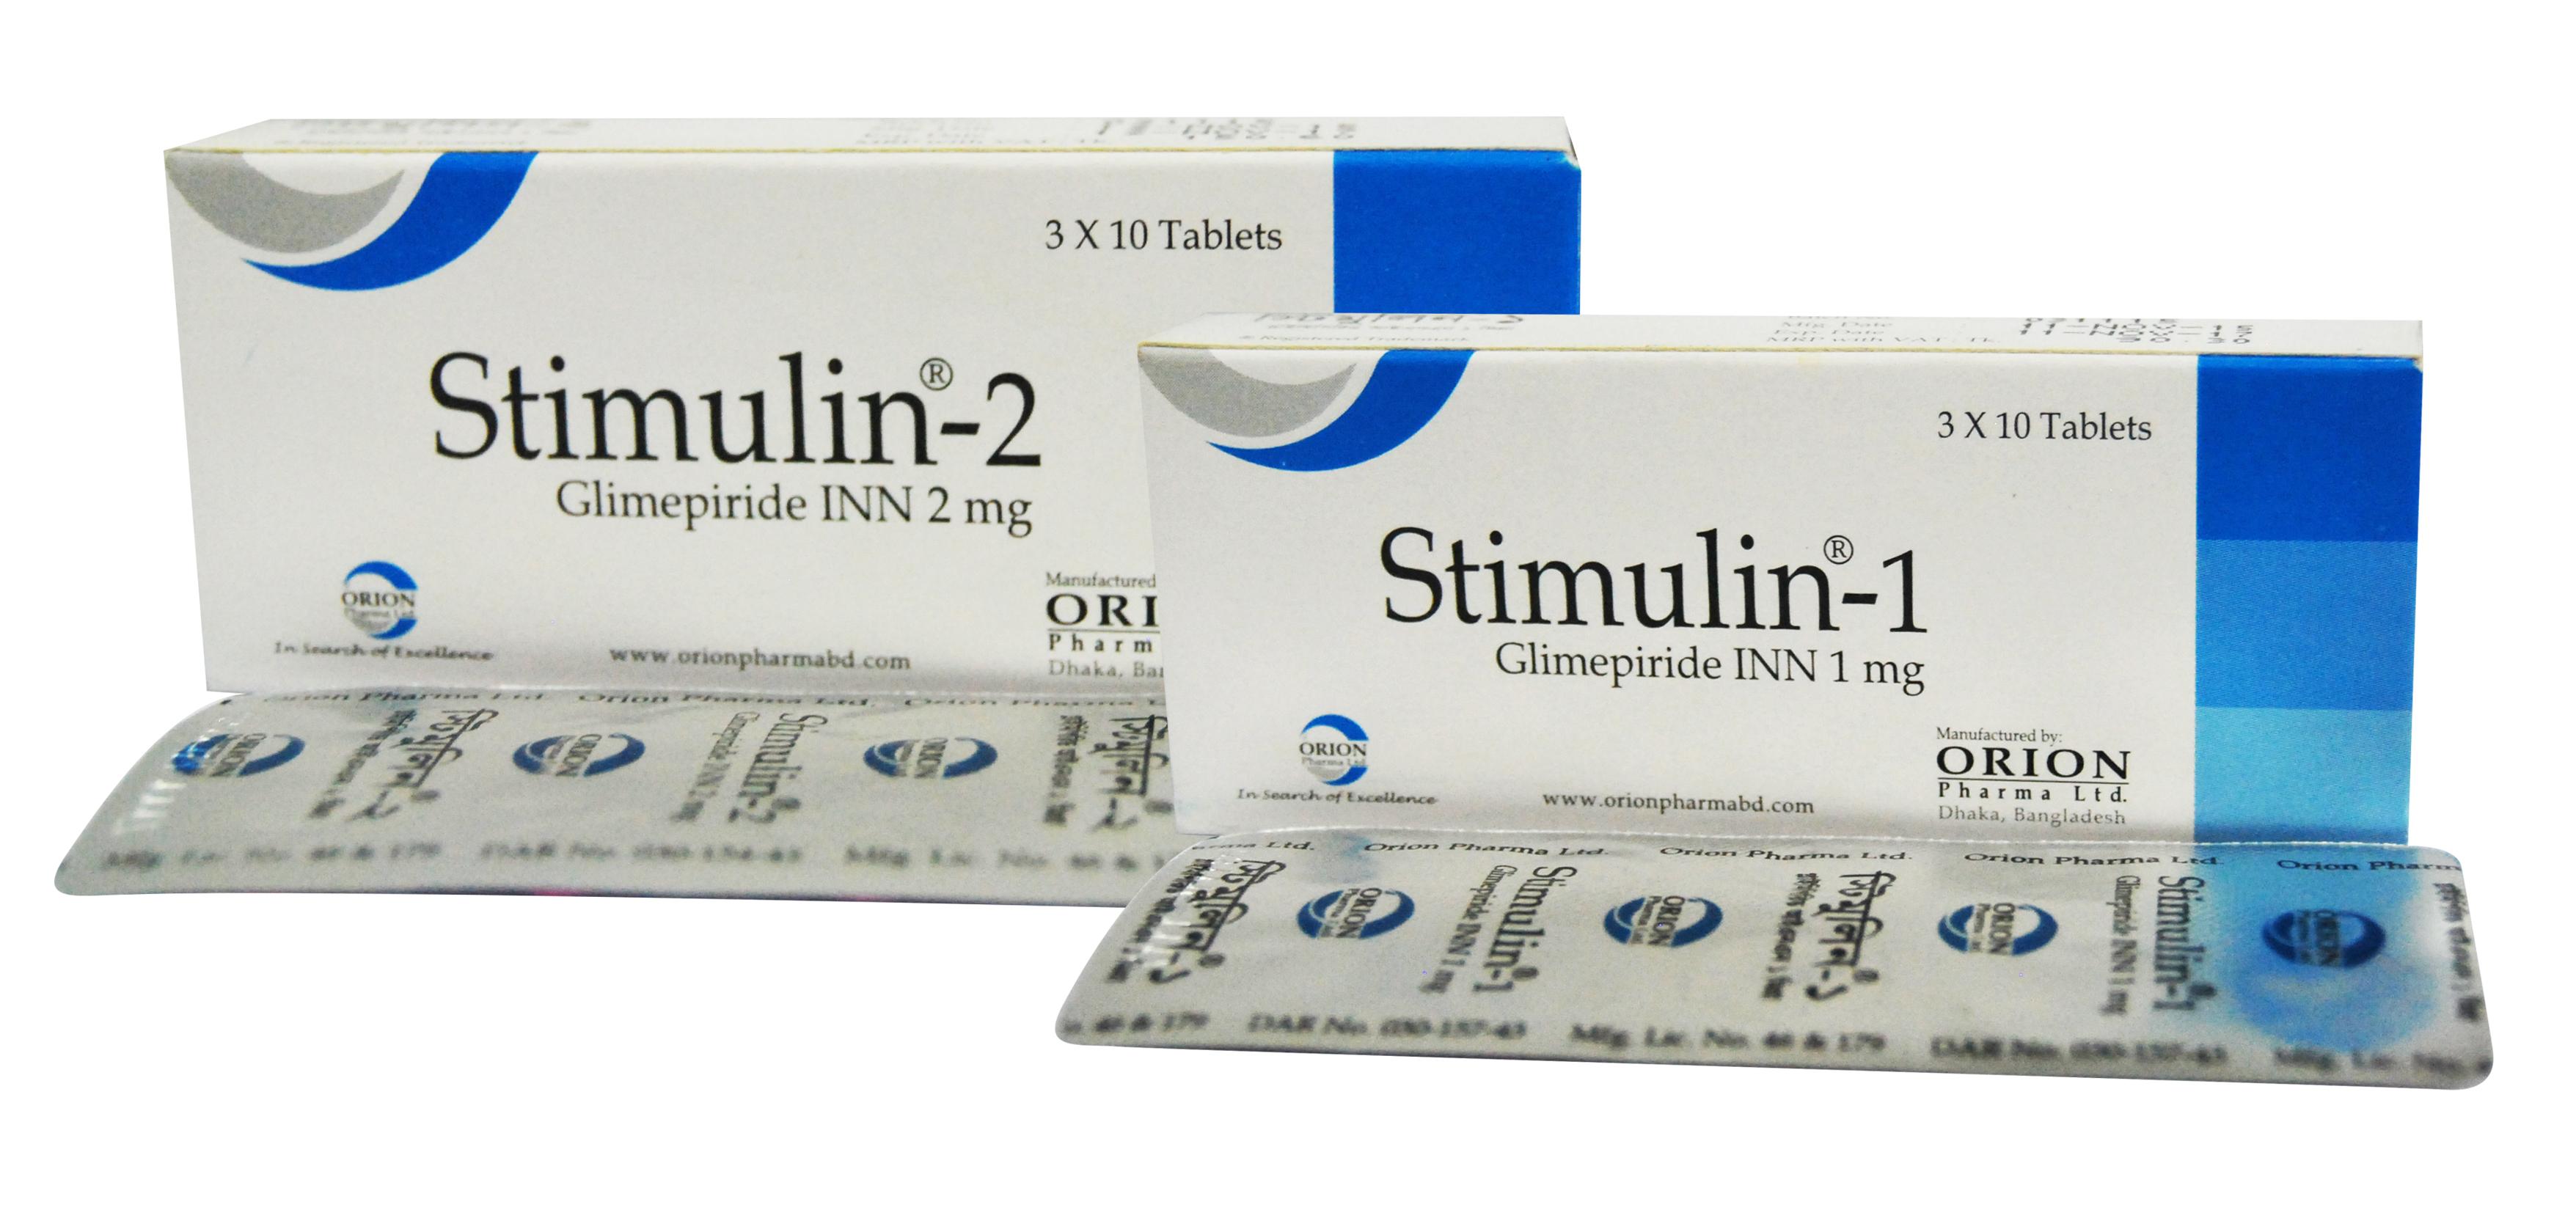 Stimulin